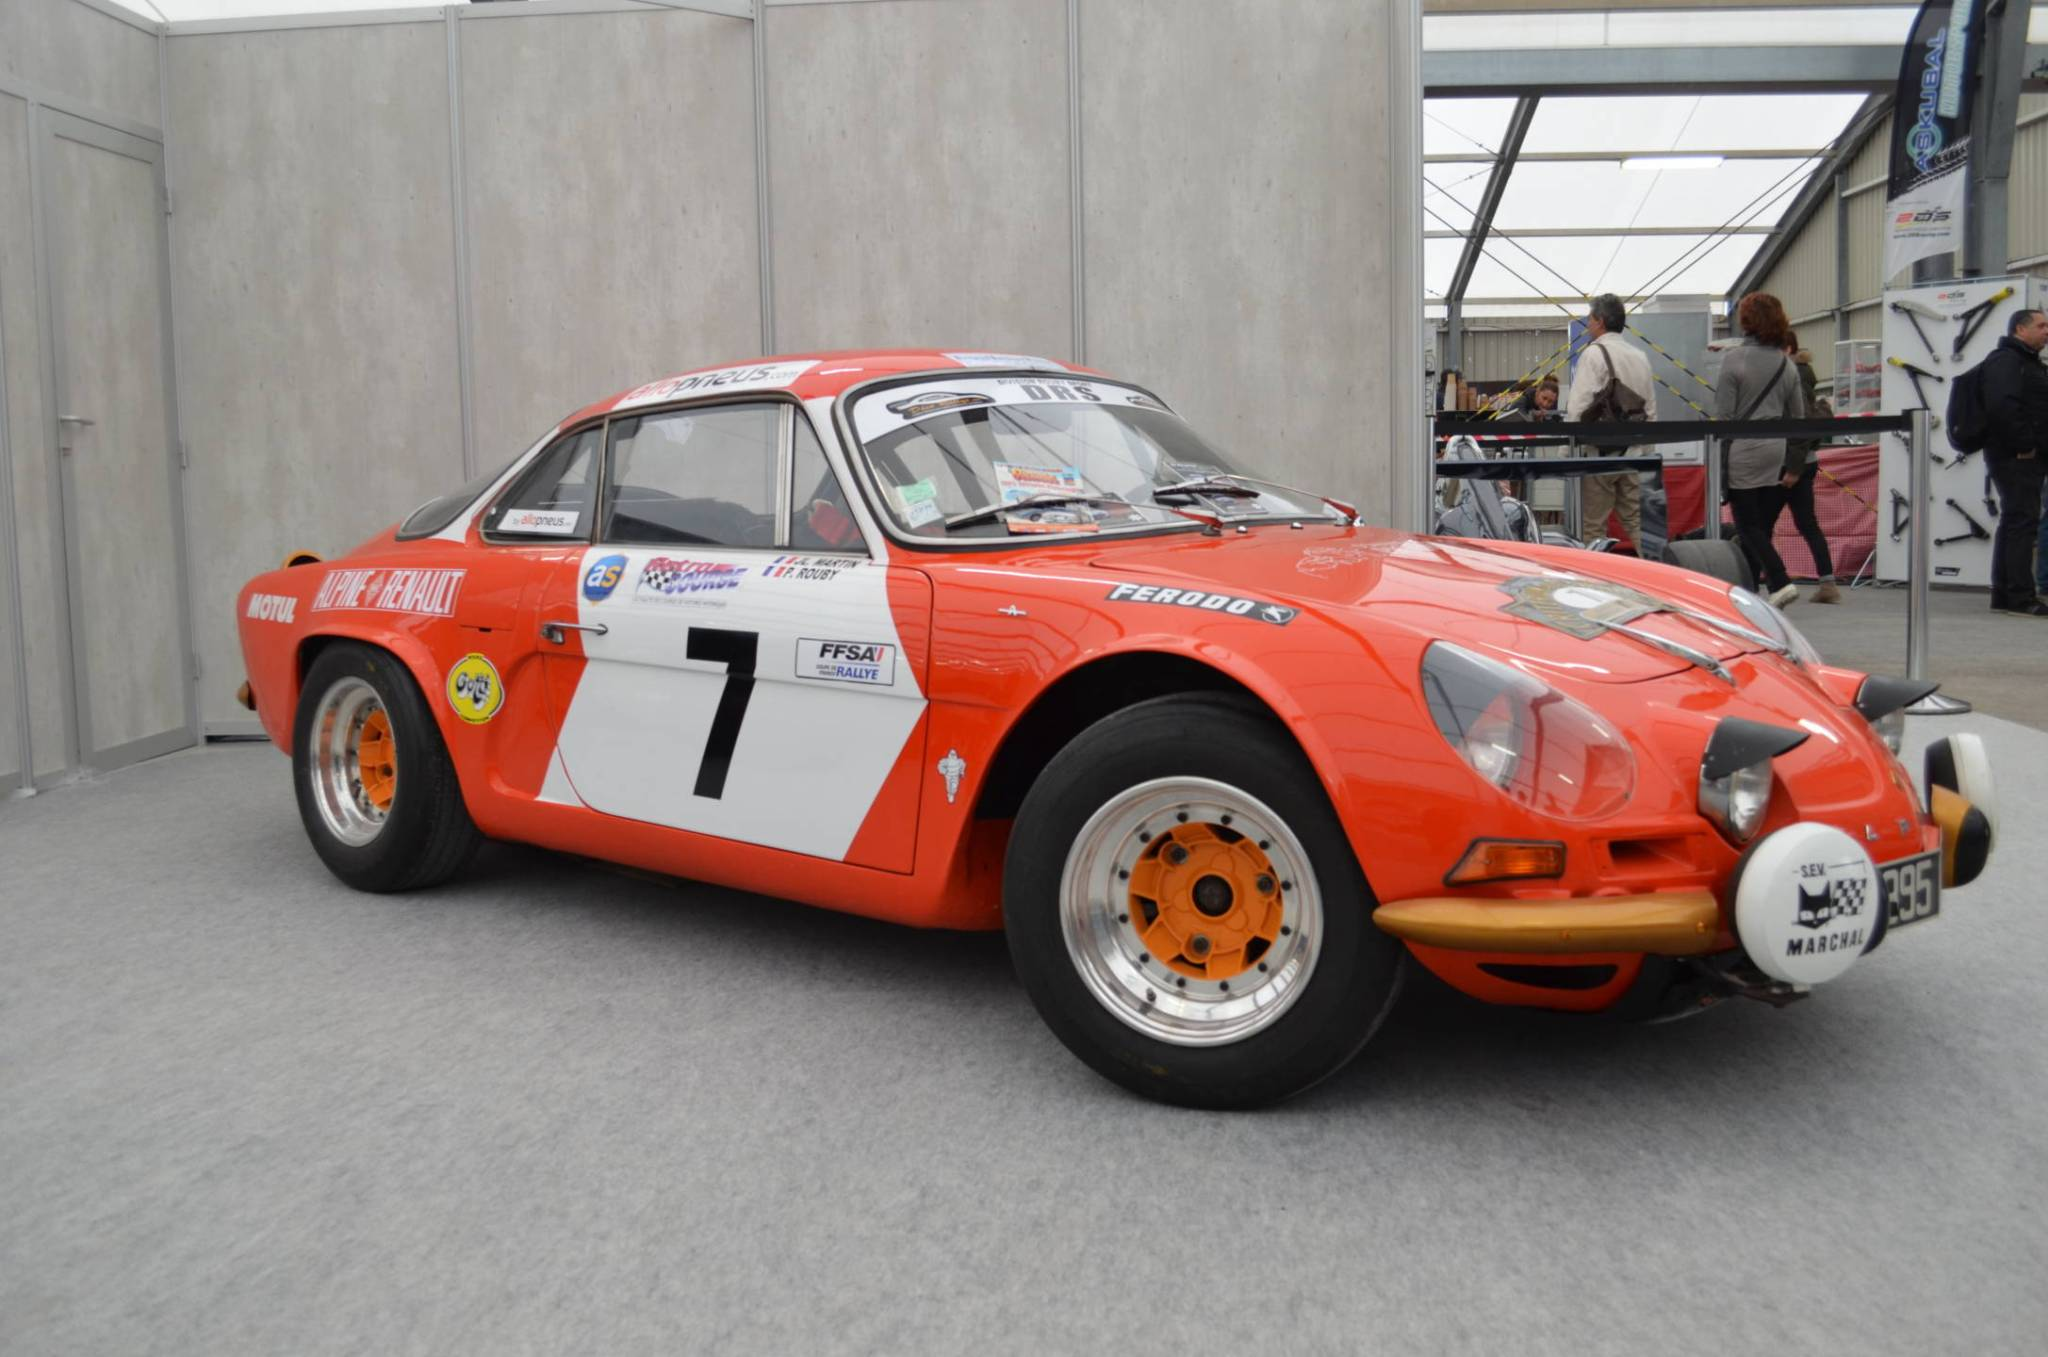 Le plein d'Alpine à la 16ème édition de l'Avignon Motor Festival 2